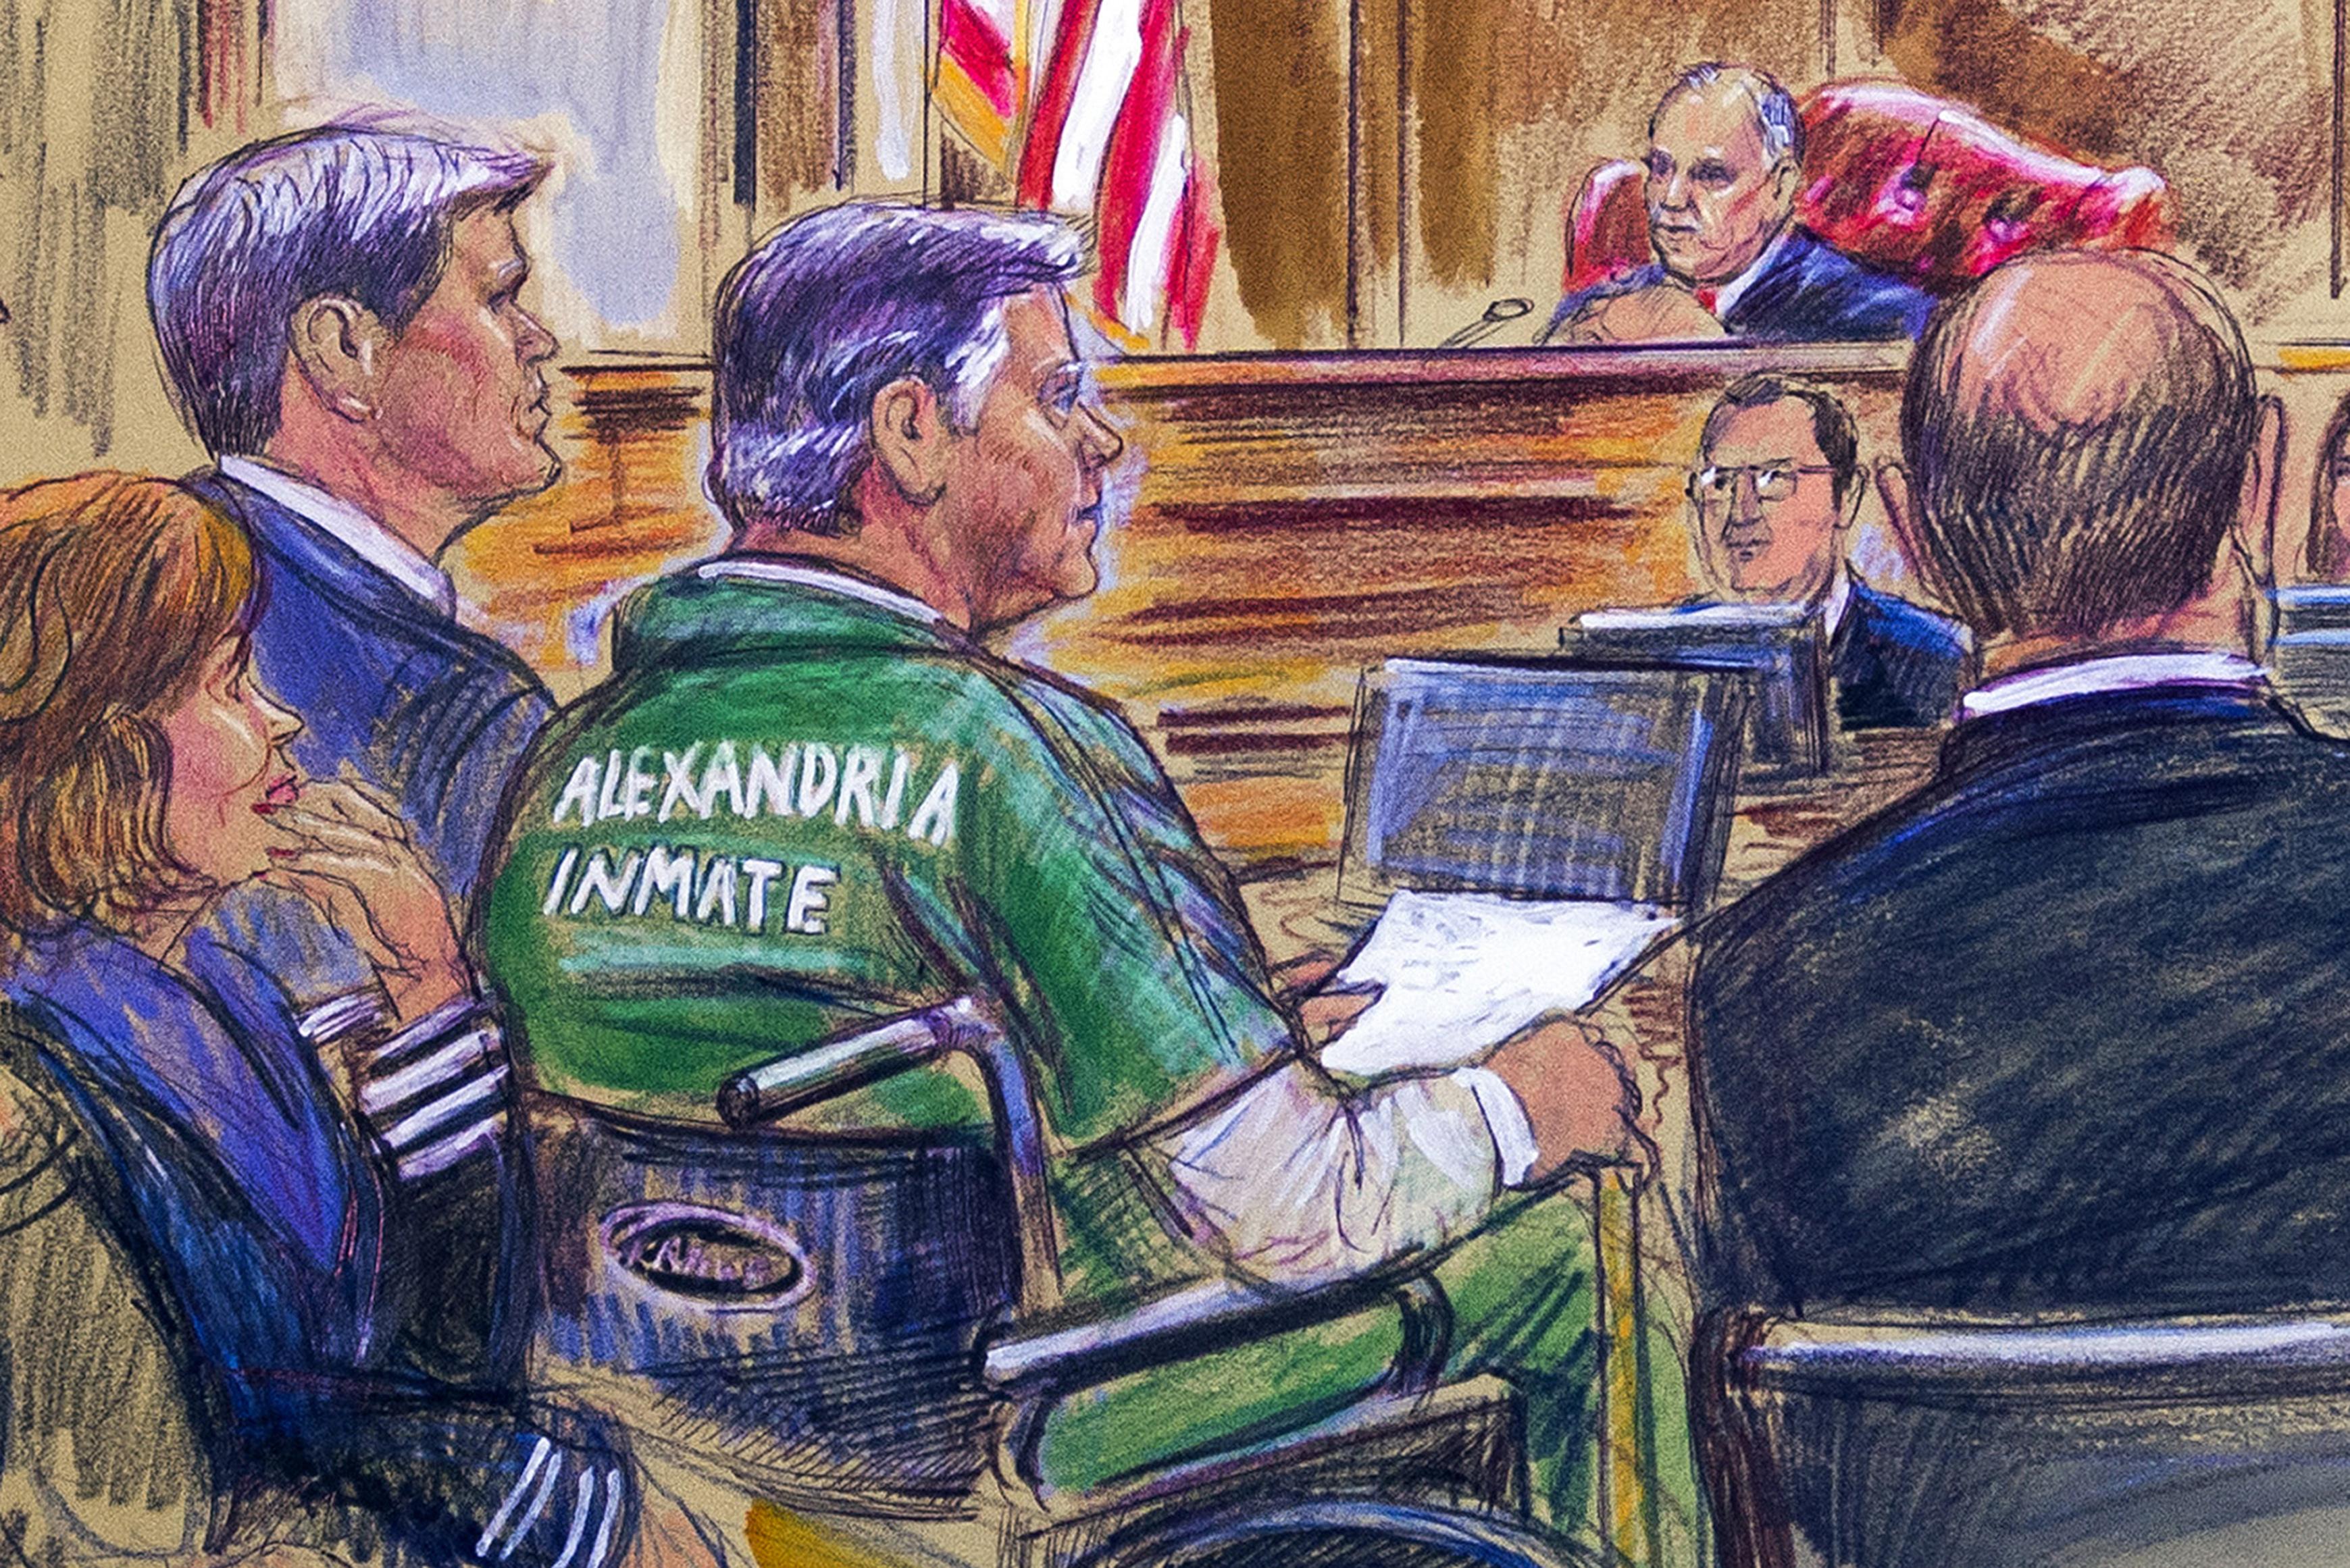 További 3,5 év börtönbüntetést kapott Paul Manafort